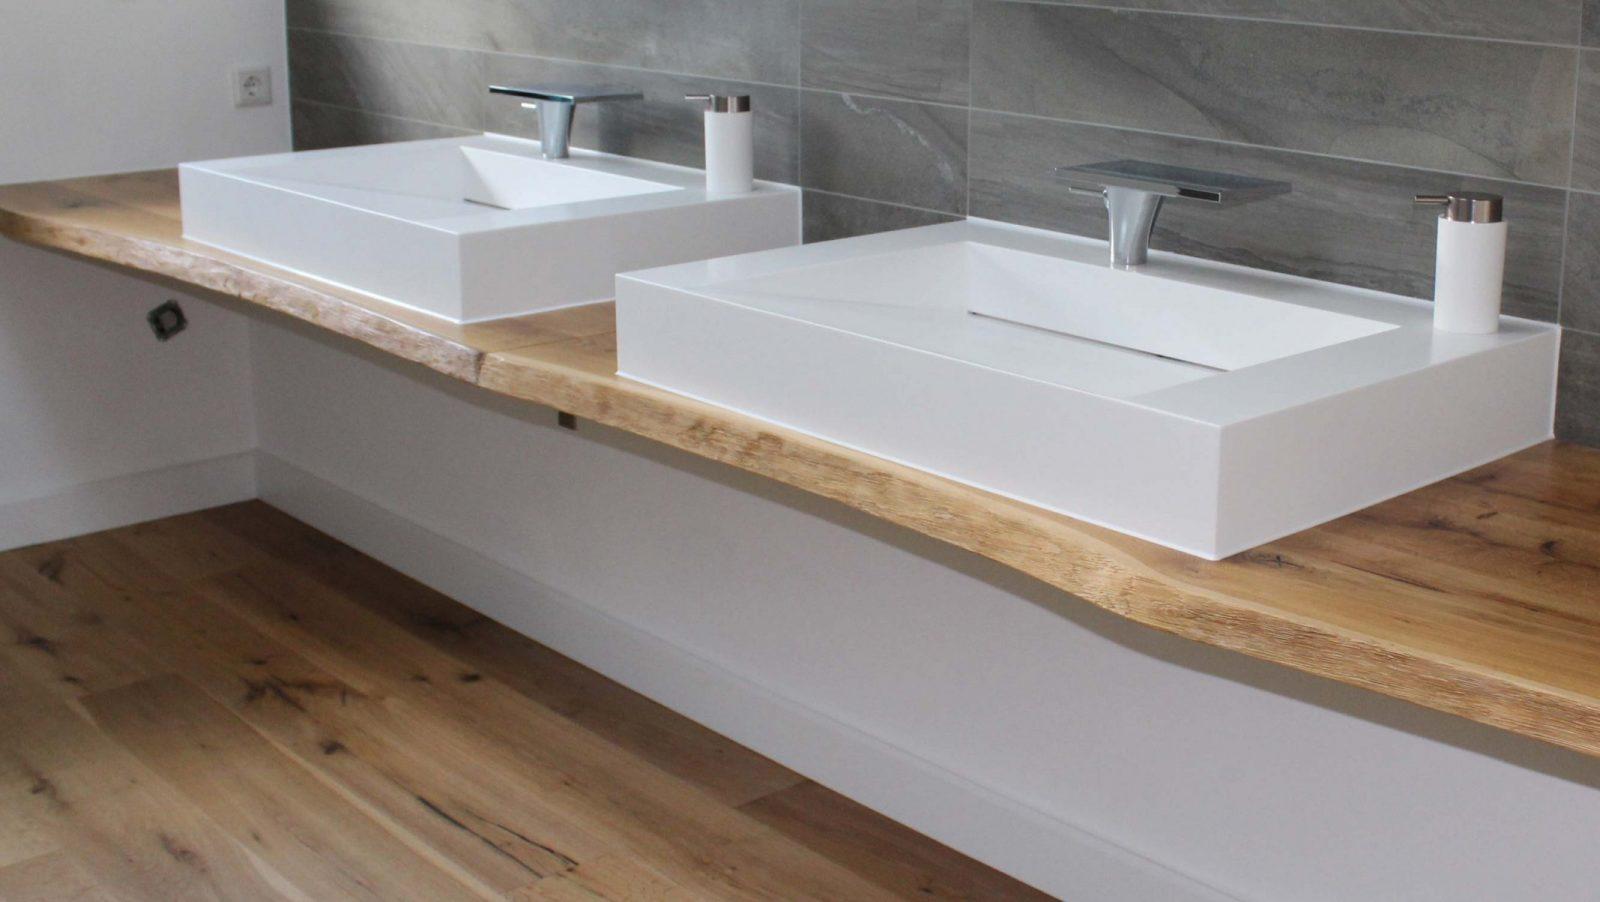 Maßgefertigte Waschtische Aus Holz  Holzland Beese  Unna von Waschtisch Holz Mit Aufsatzwaschbecken Photo